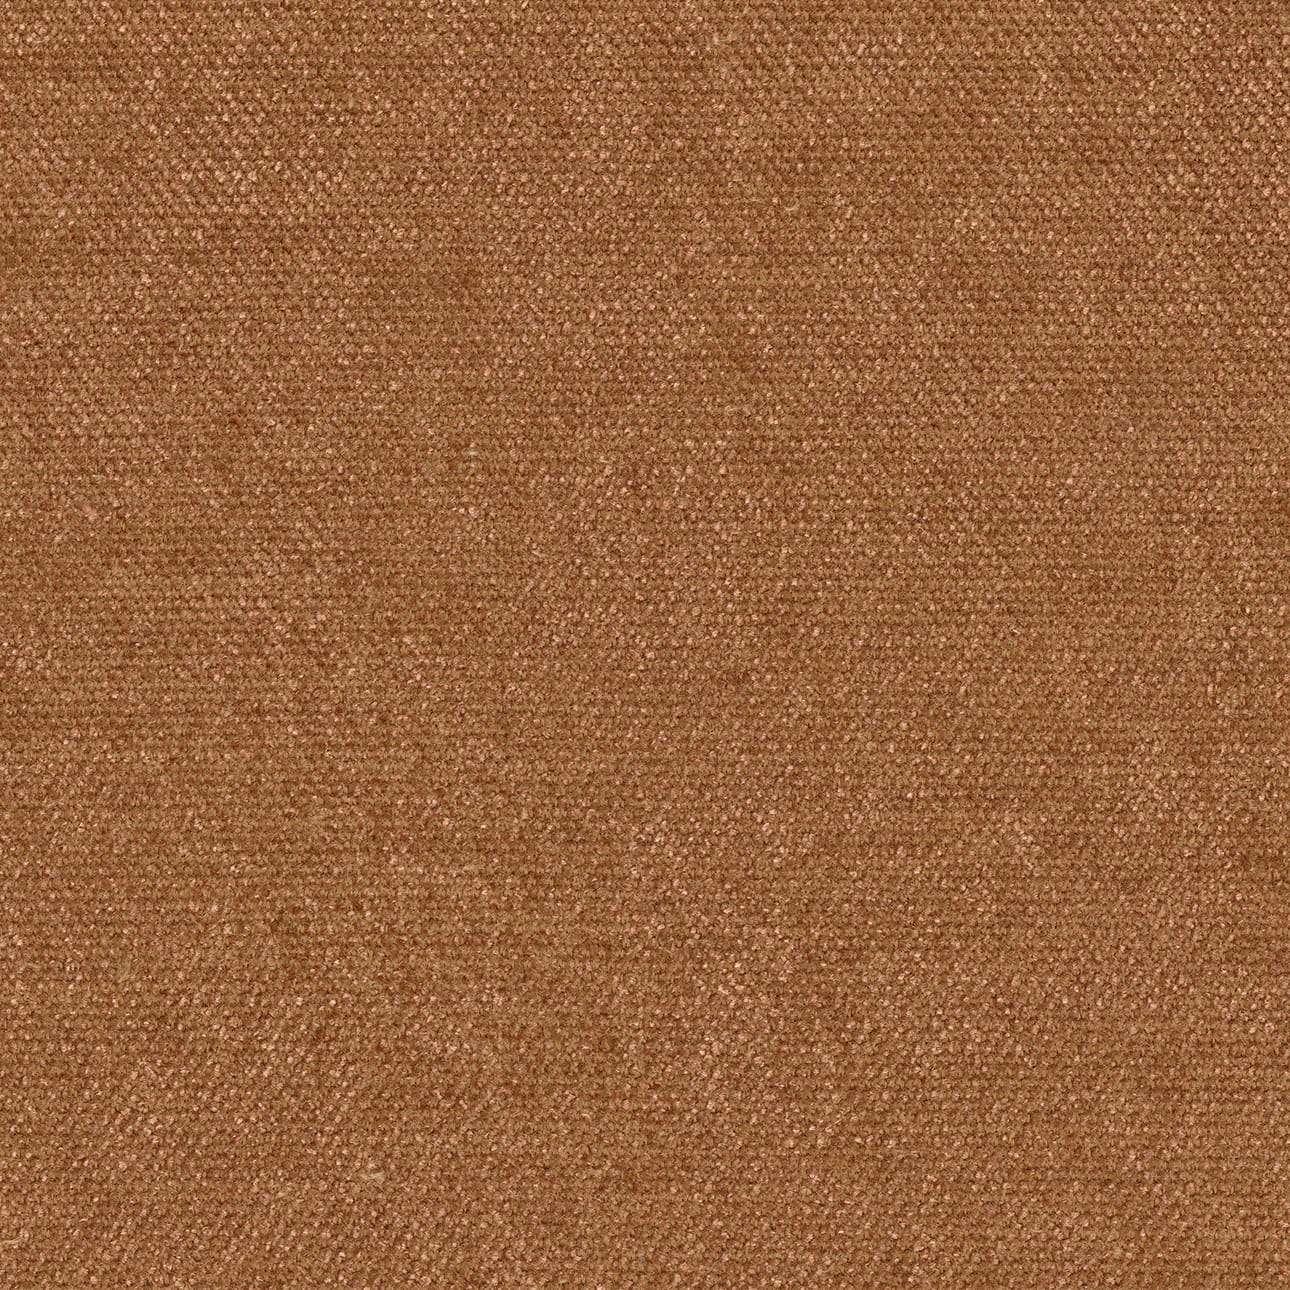 Pokrowiec na sofę Karlanda 2-osobową nierozkładaną, krótki w kolekcji Living, tkanina: 100-96